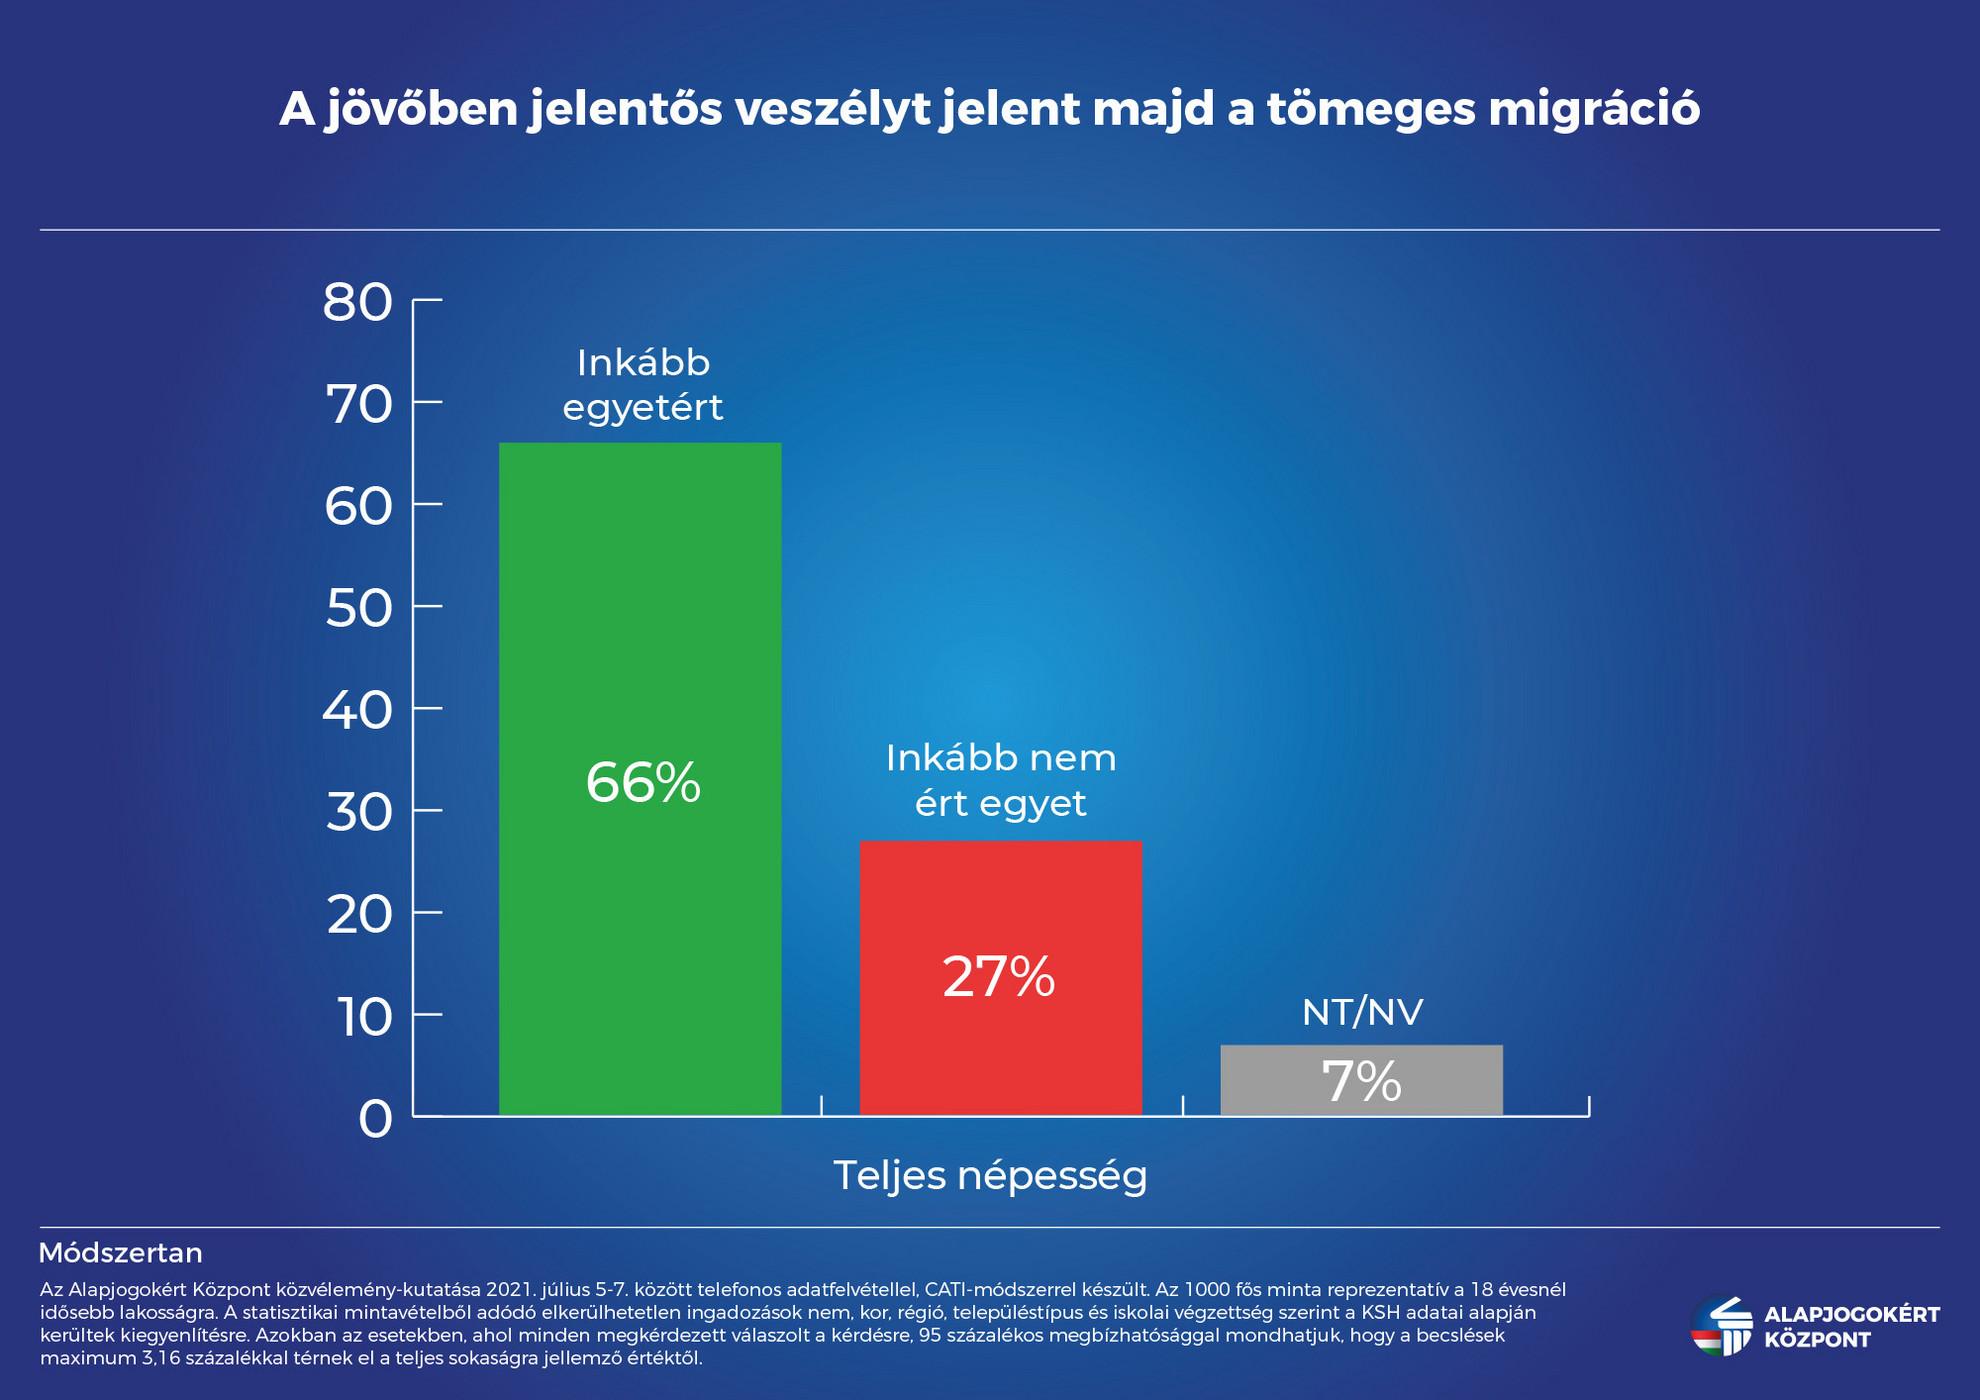 Továbbra is veszélyt jelent majd a tömeges migráció a megkérdezettek 66 százaléka szerint